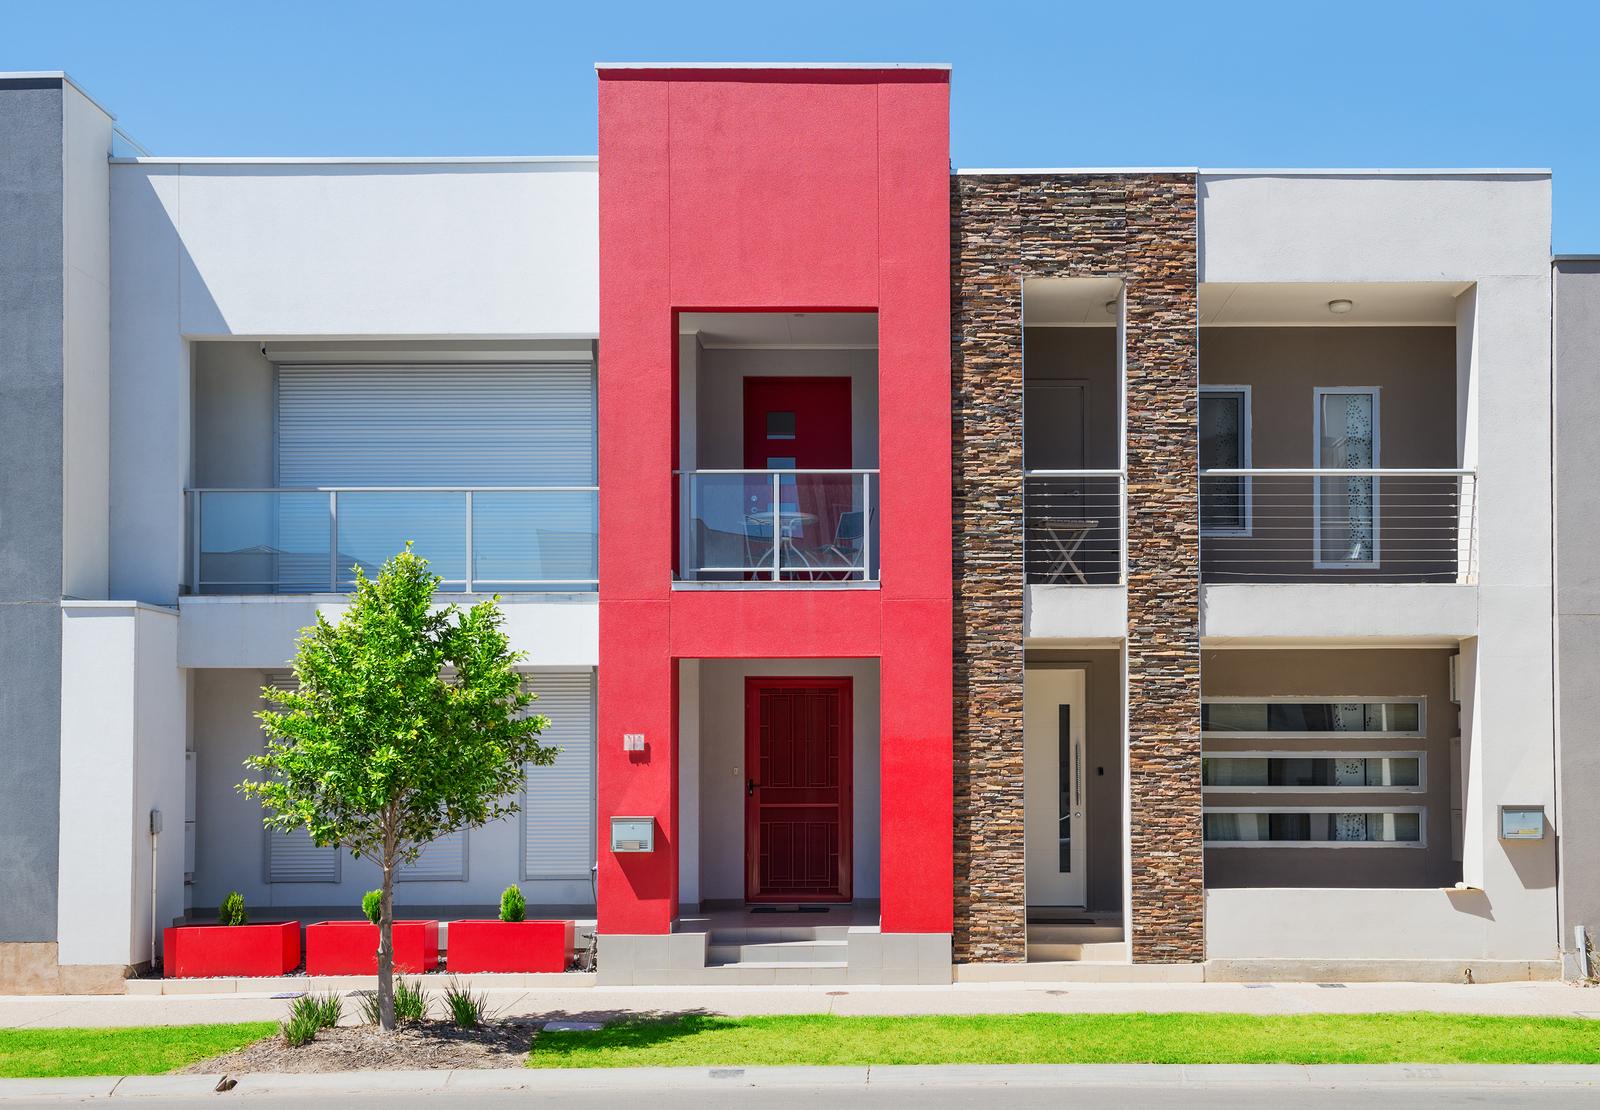 Revestimentos: Sugestões de materiais para a sua fachada